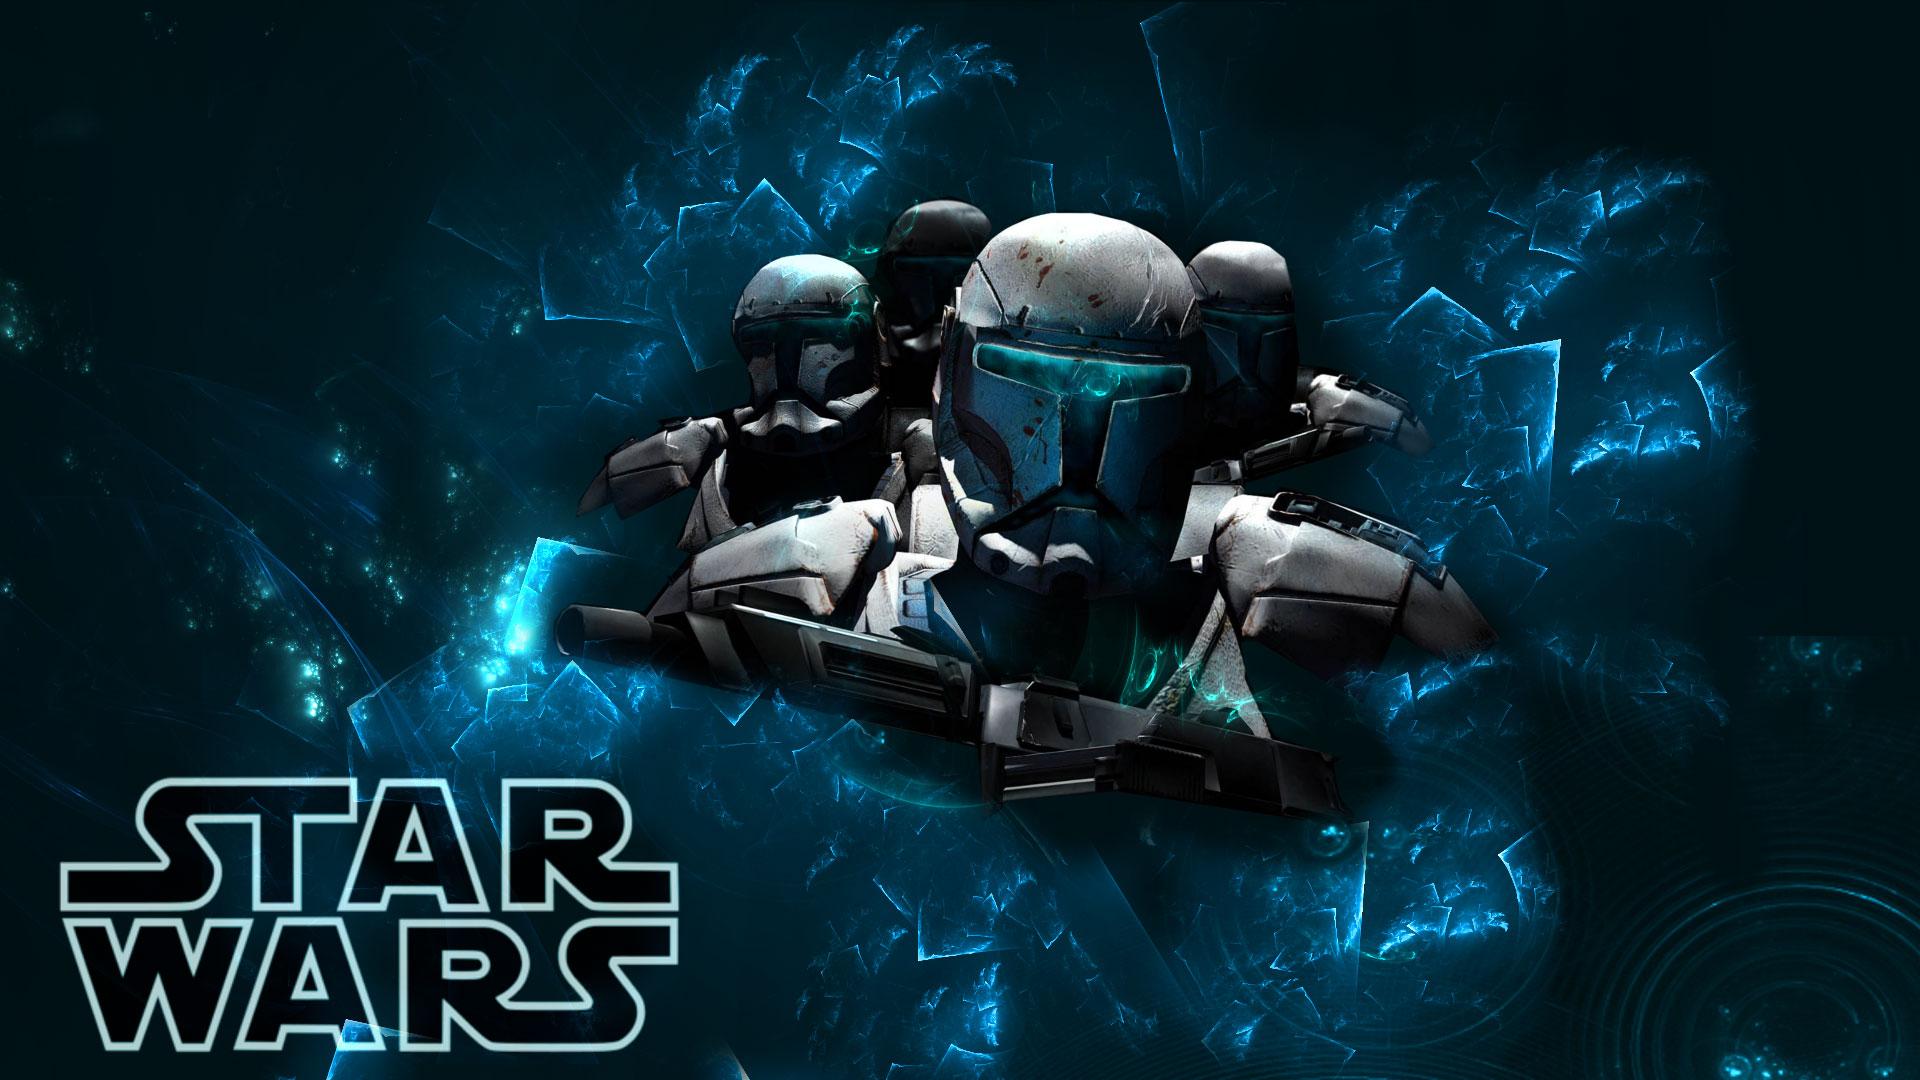 Kkiste Star Wars 7